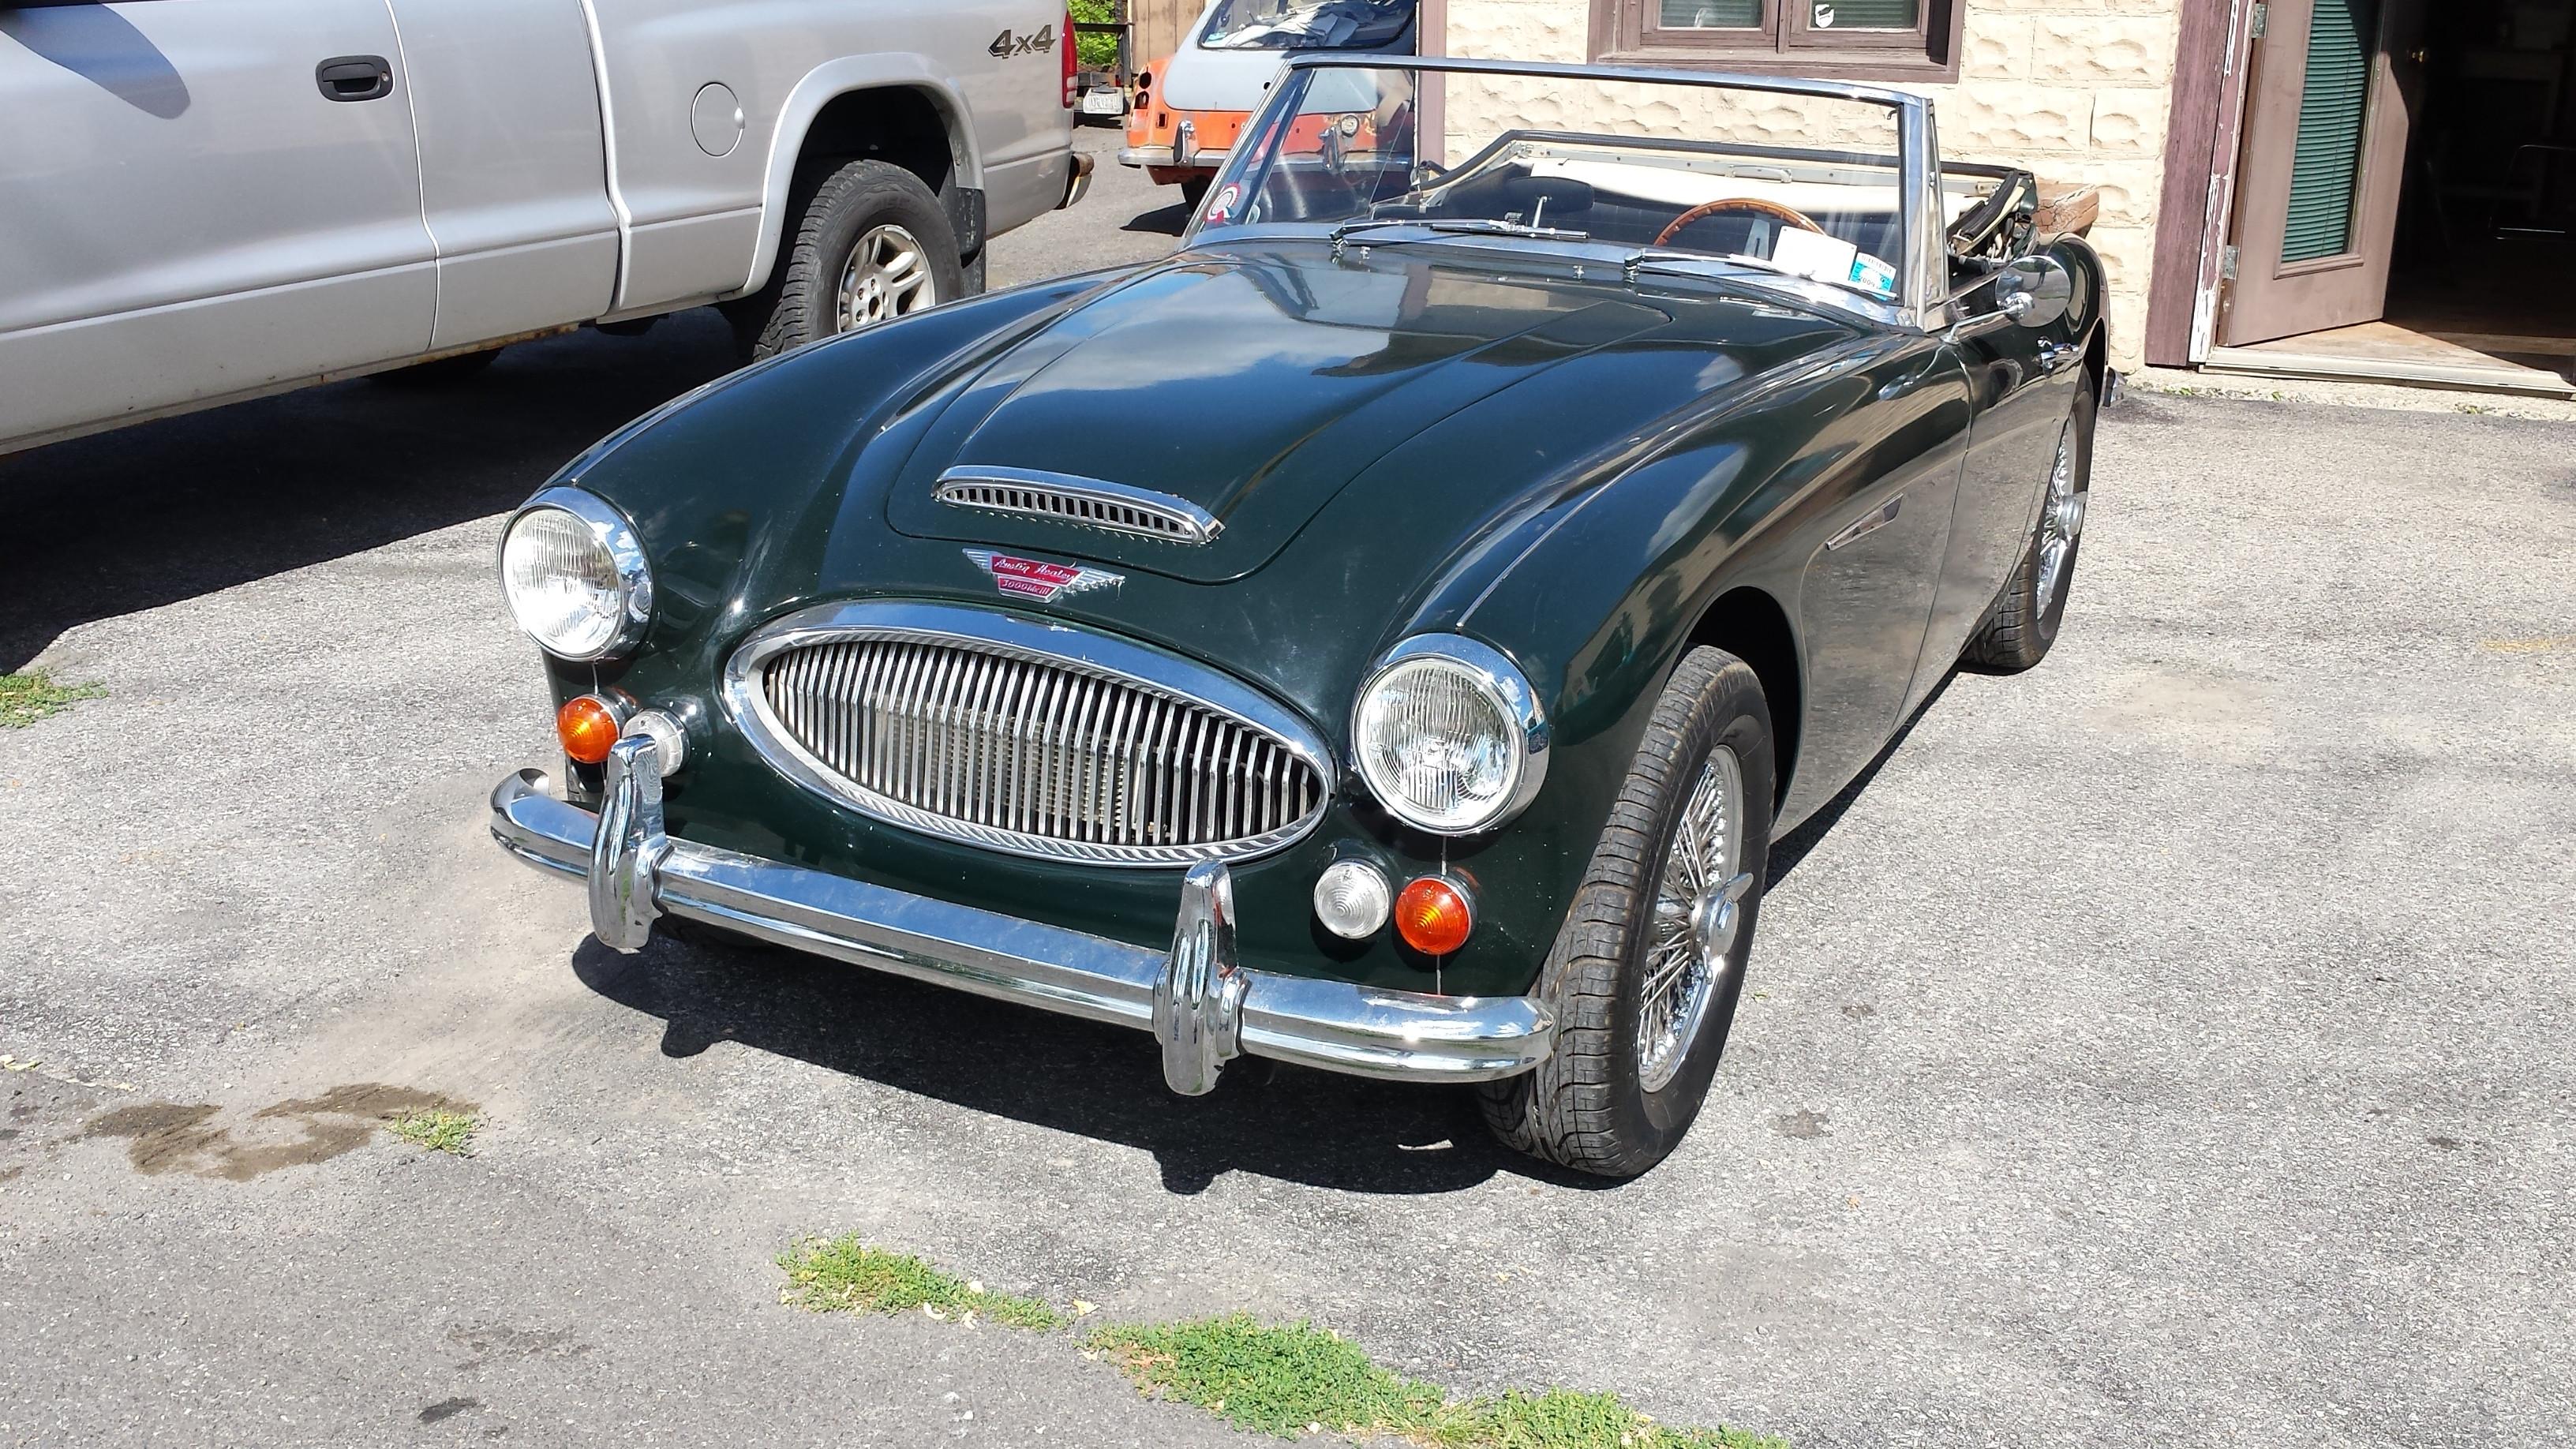 Austin-Healey MK 3000 Hire Irvington, Ny